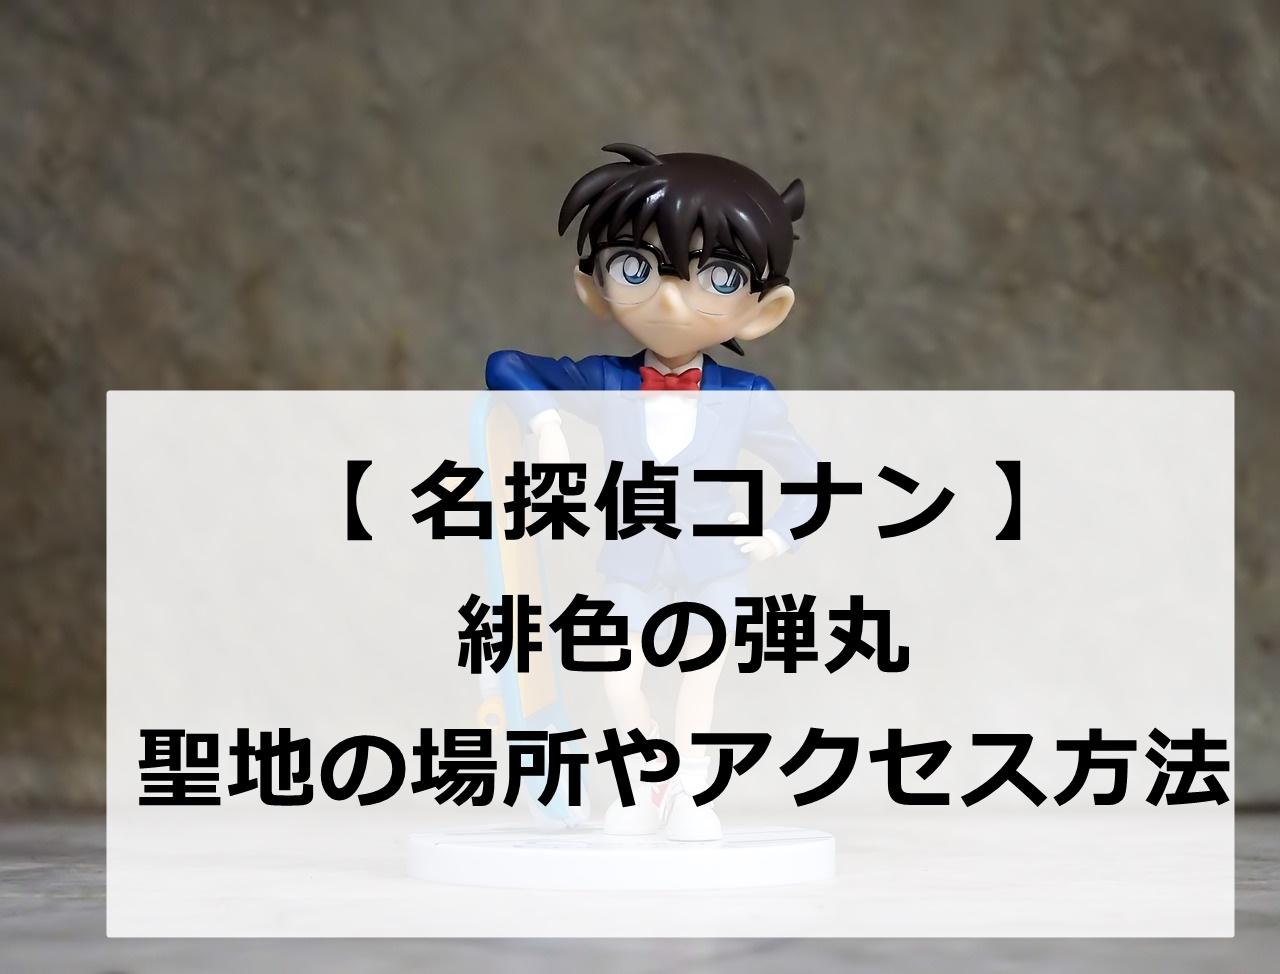 【名探偵コナン映画2020】緋色の弾丸の聖地はいくつある?場所を徹底調査!!